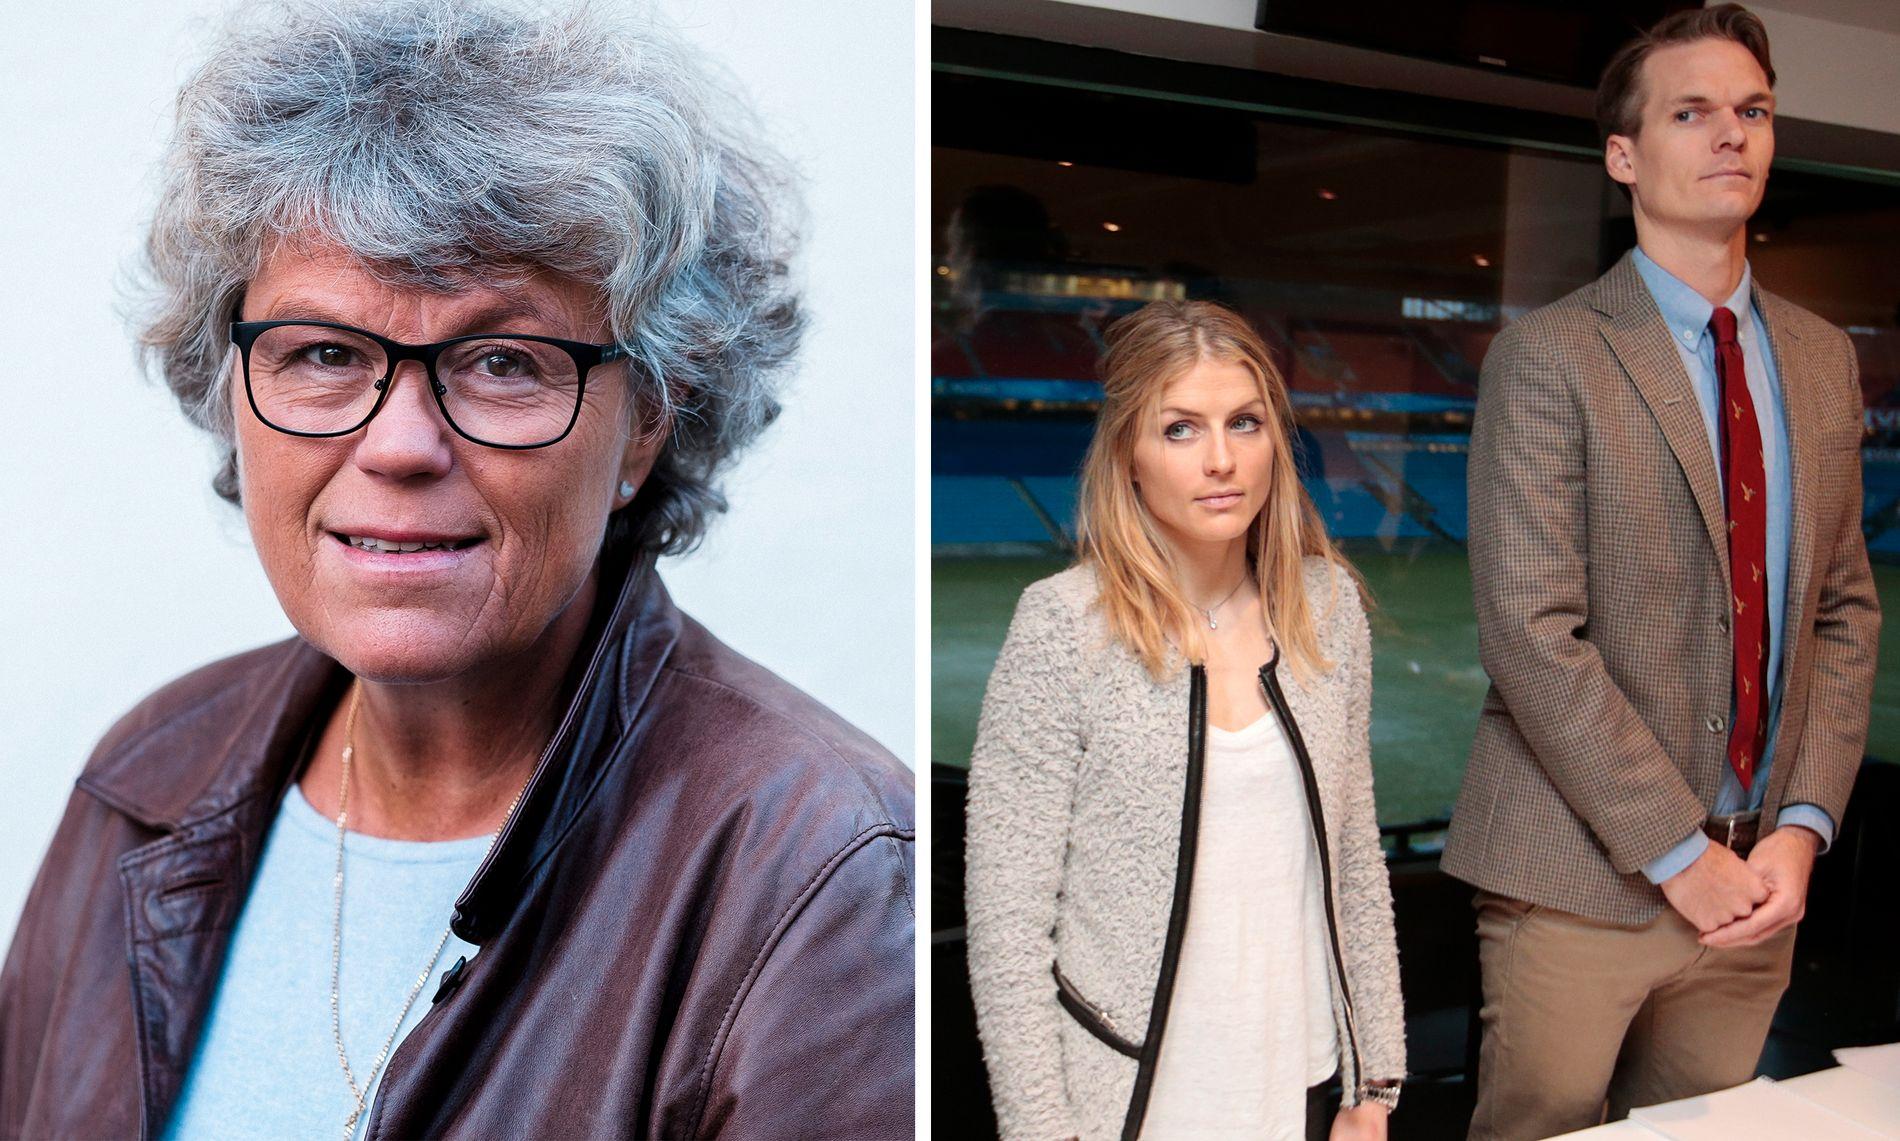 INSPIRERT: Forfatter Anne Holt, her fra en photoshoot i 2015, trekker linjer til dopingsaken til Therese Johaug i sin nye bok. Dopinghøringen til langrennsløperen var på Ullevaal stadion i januar i 2017.